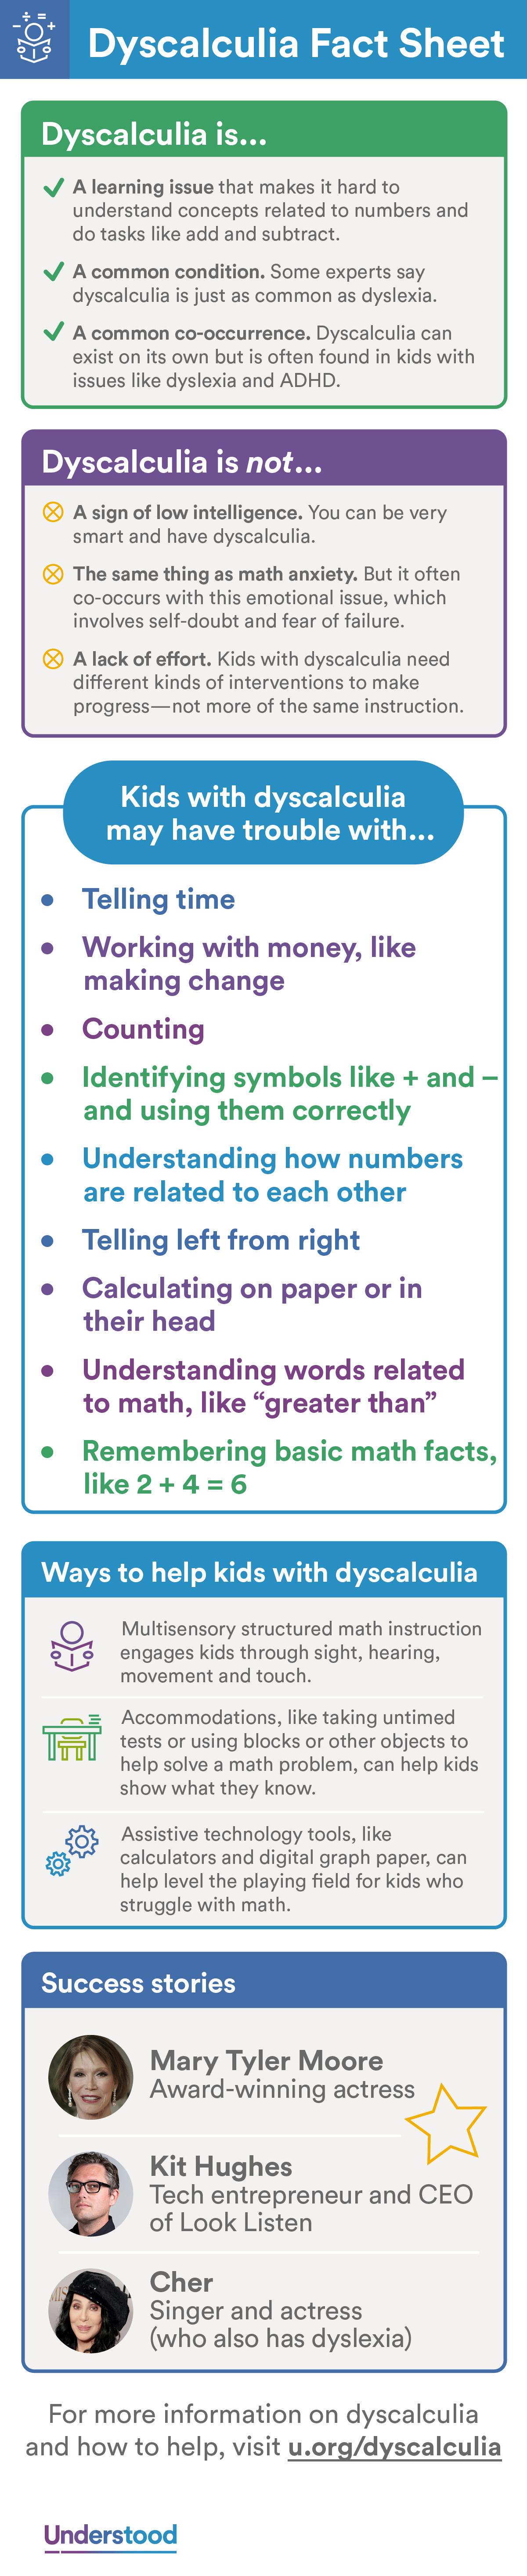 Dyscalculia Fact Sheet